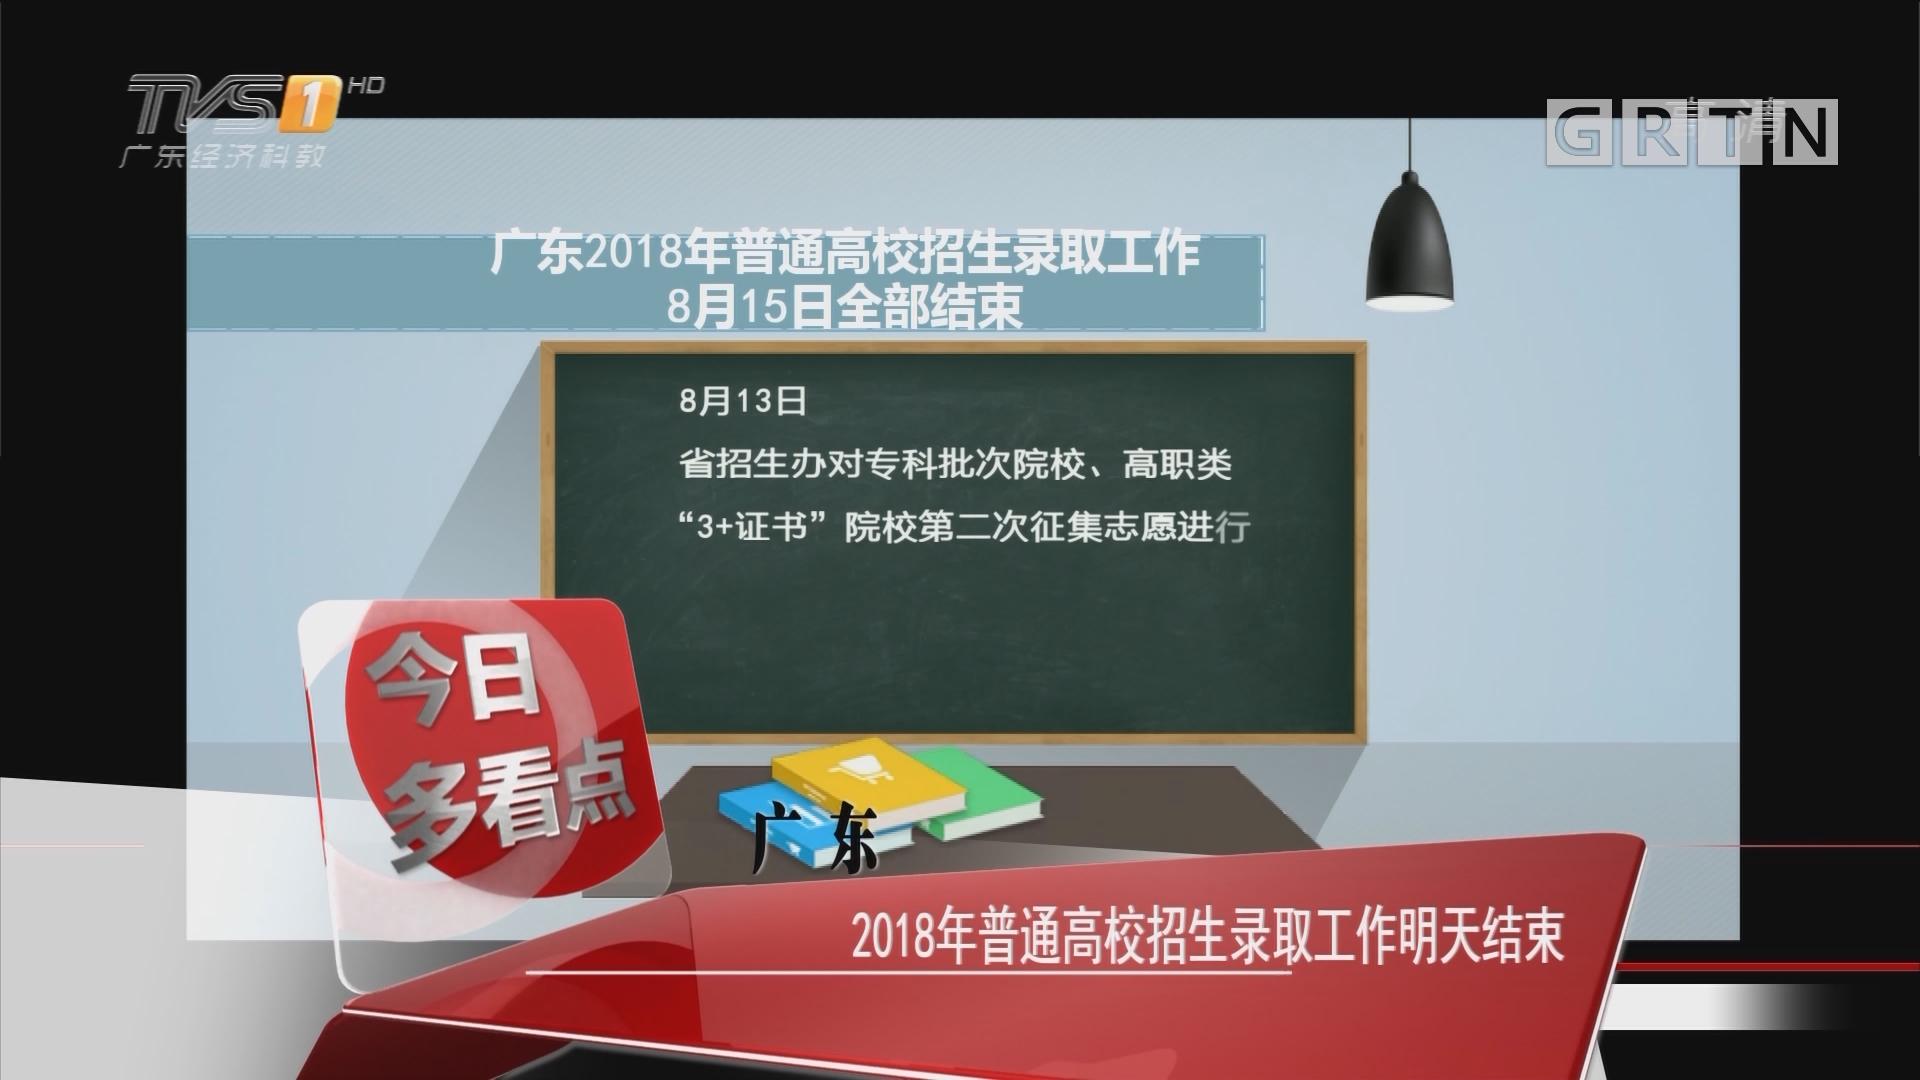 广东:2018年普通高校招生录取工作明天结束